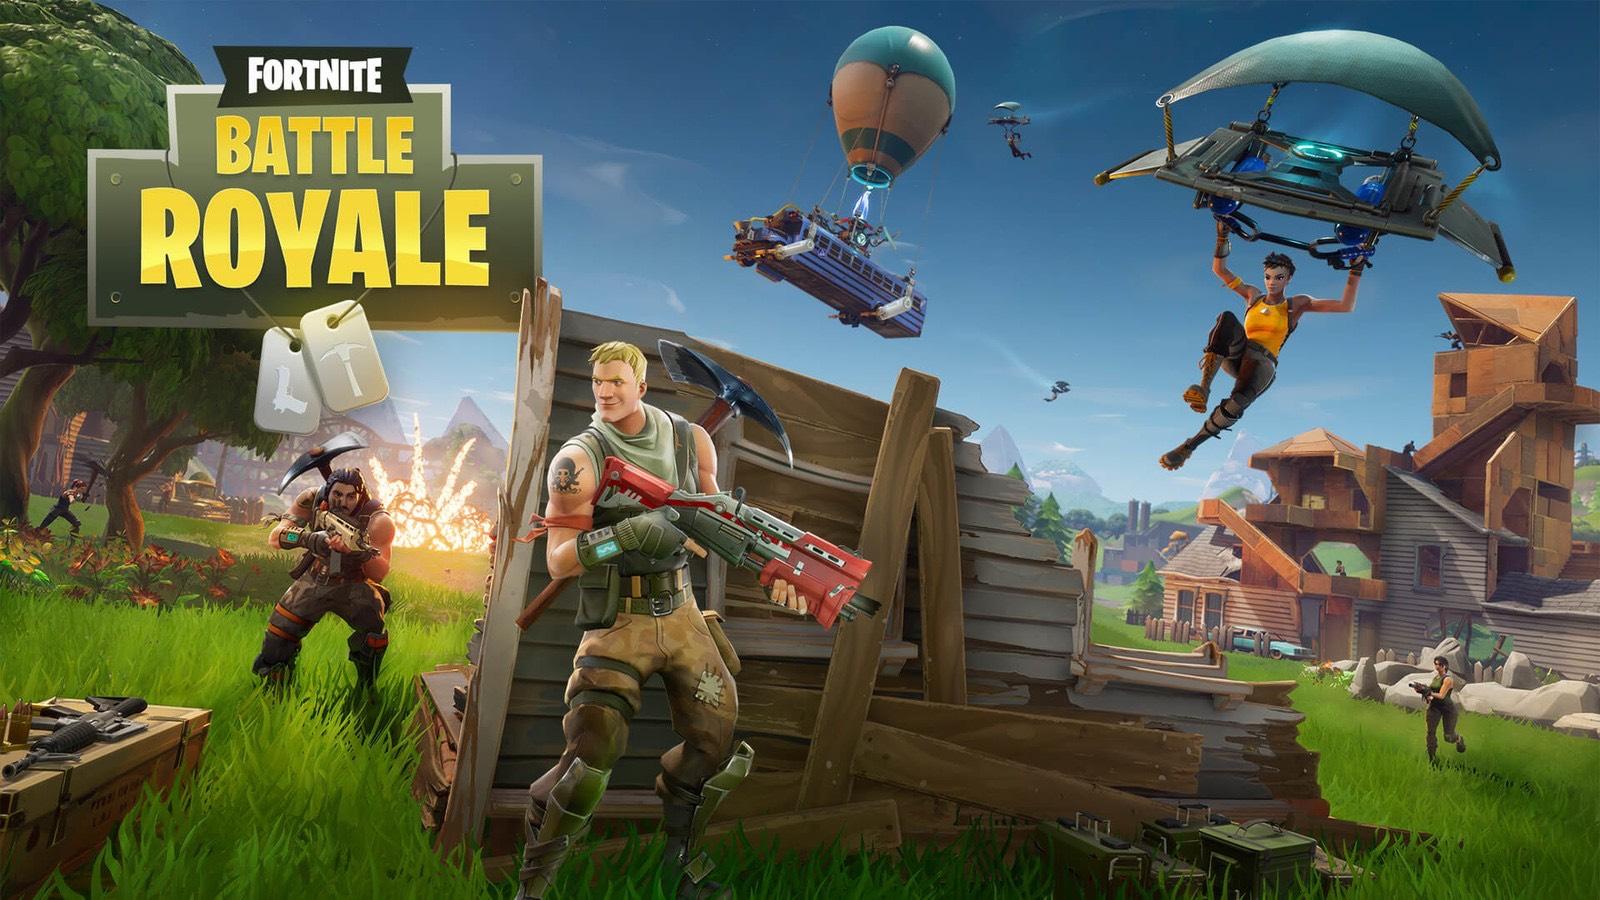 Fortnite Battle Royale full game free @ PSN